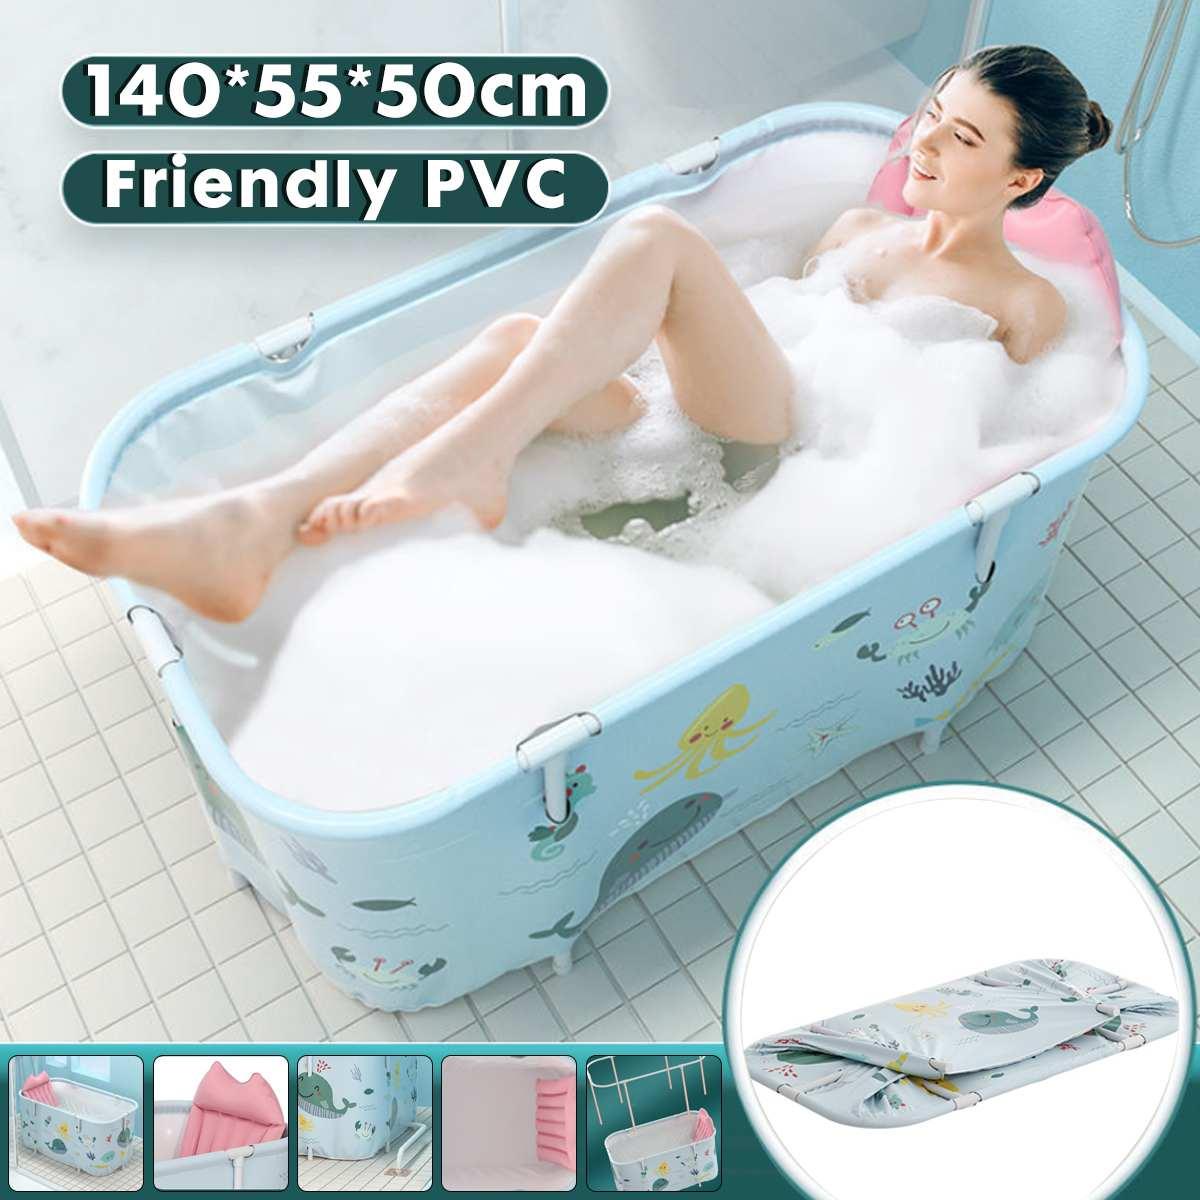 1.2/1.4M Foldable Bathtub Adult Bath Tub Barrel Sweat Steaming Thicken Portable Bathtub Home Sauna Insulation Folding Bath Bucke